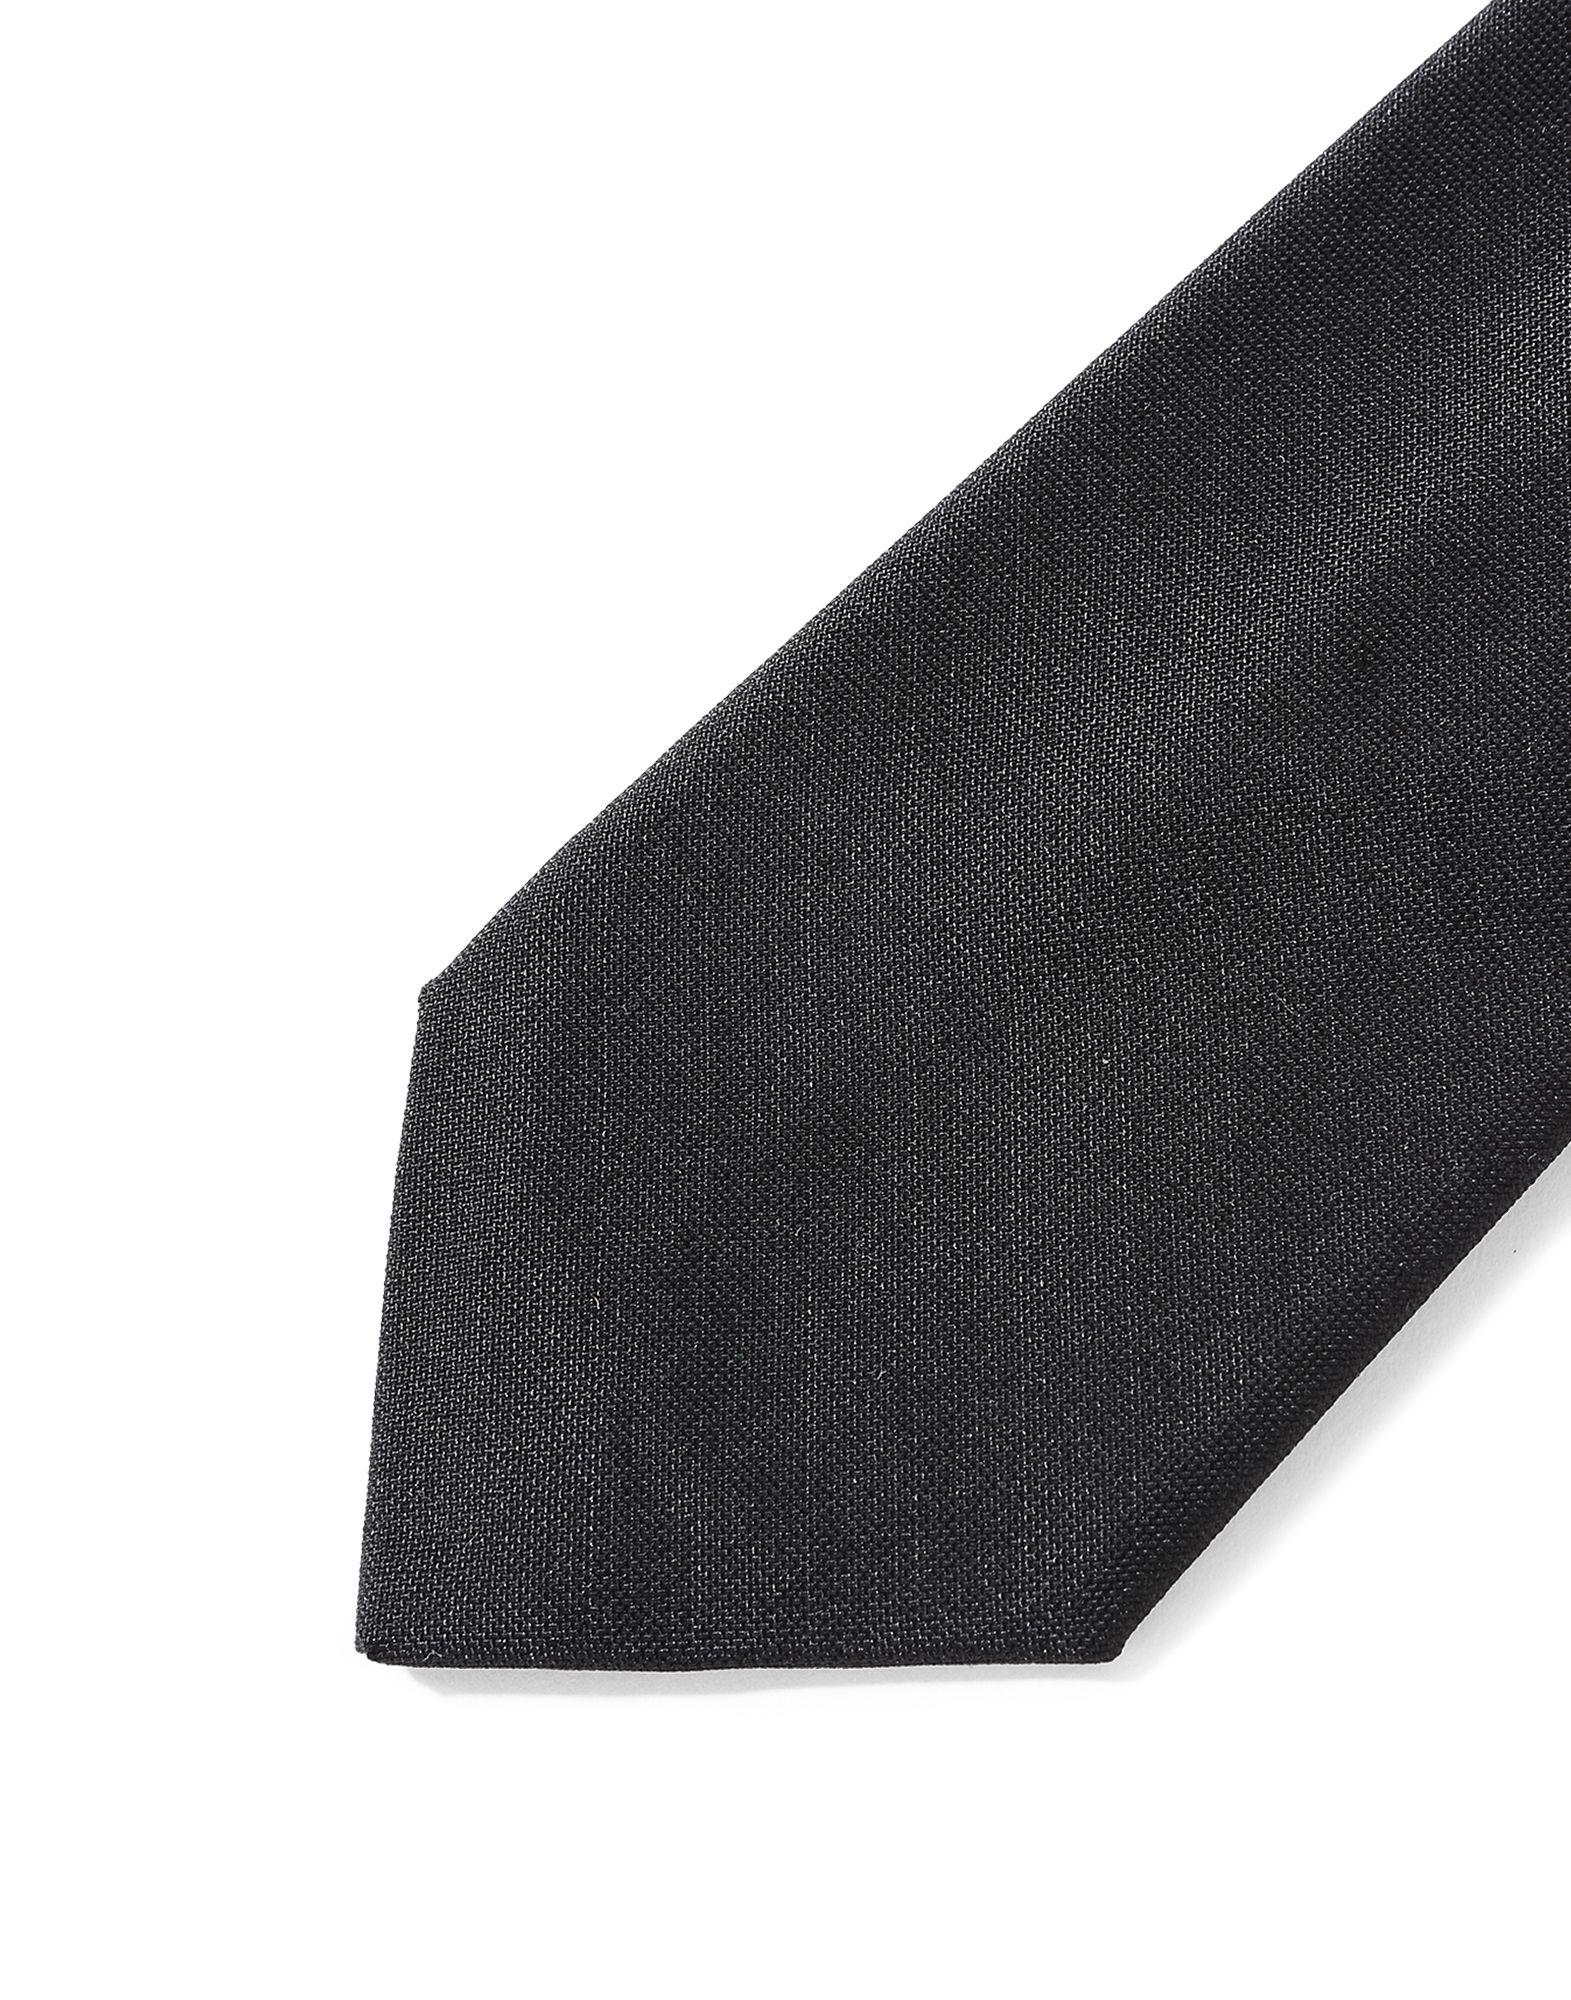 Tie - JIL SANDER Online Store